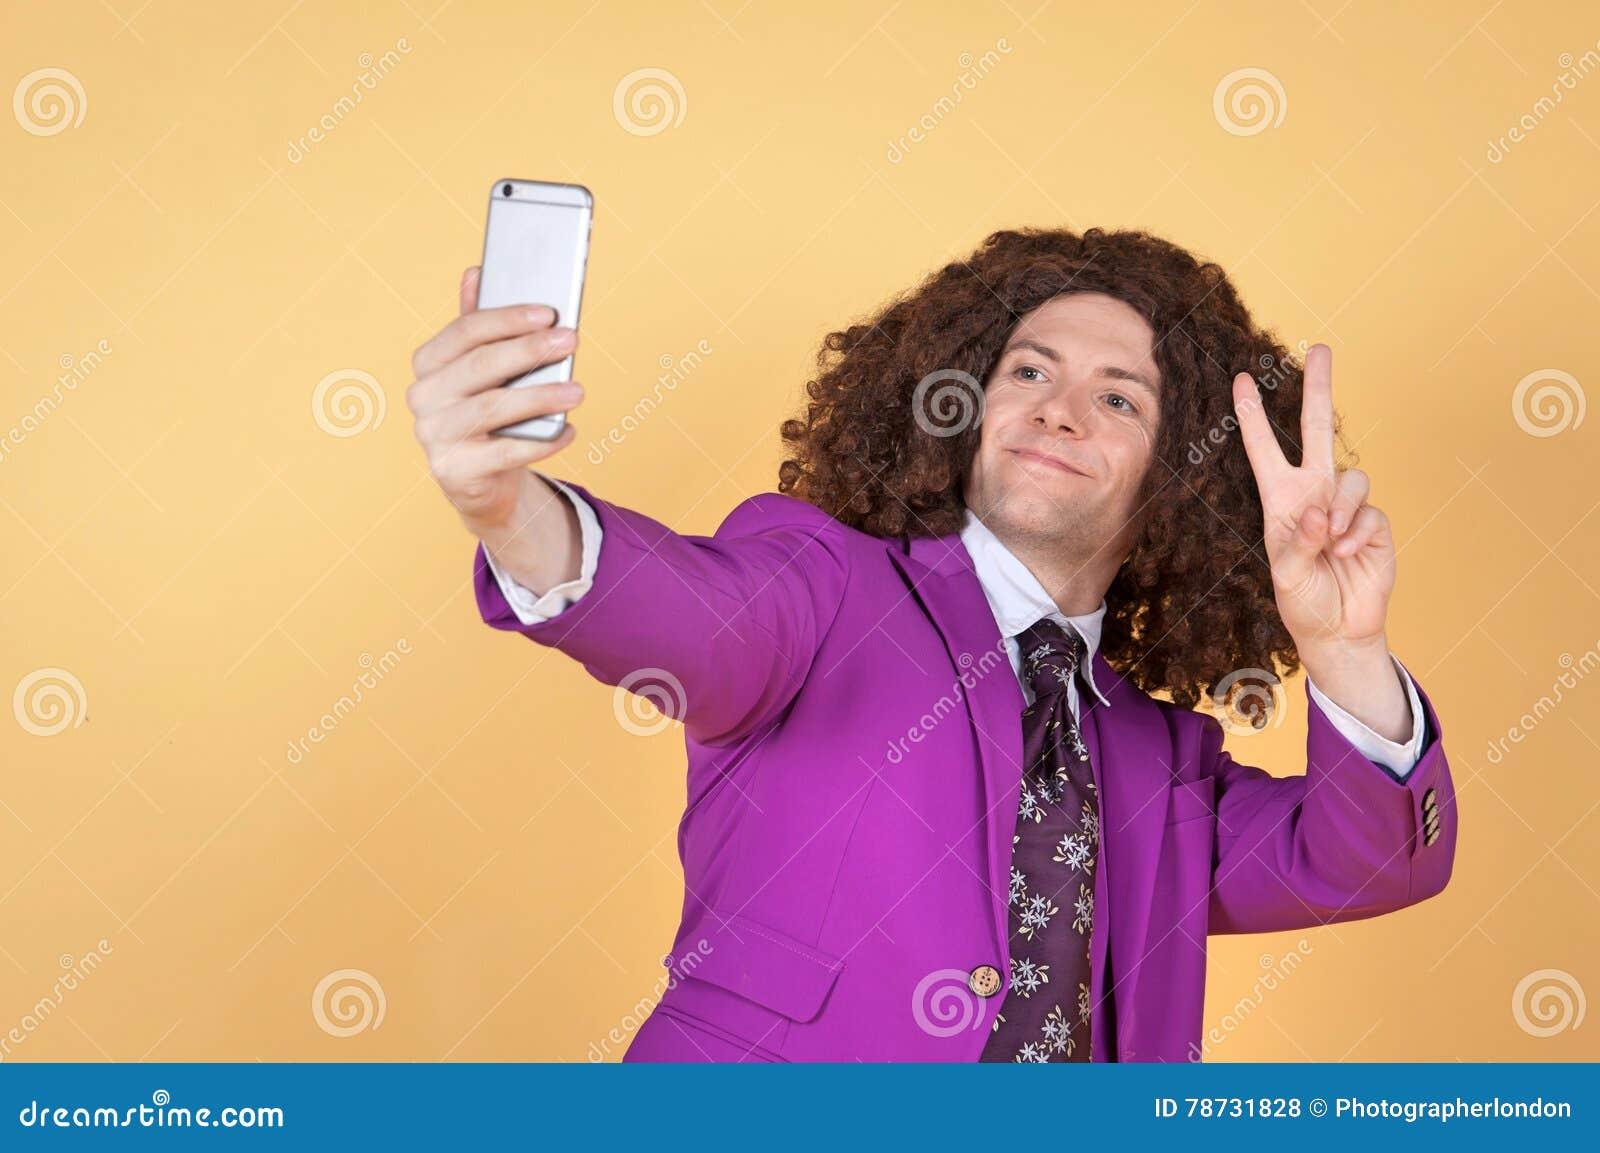 Den Caucasian mannen med afro bärande lilor passar ta en selfie